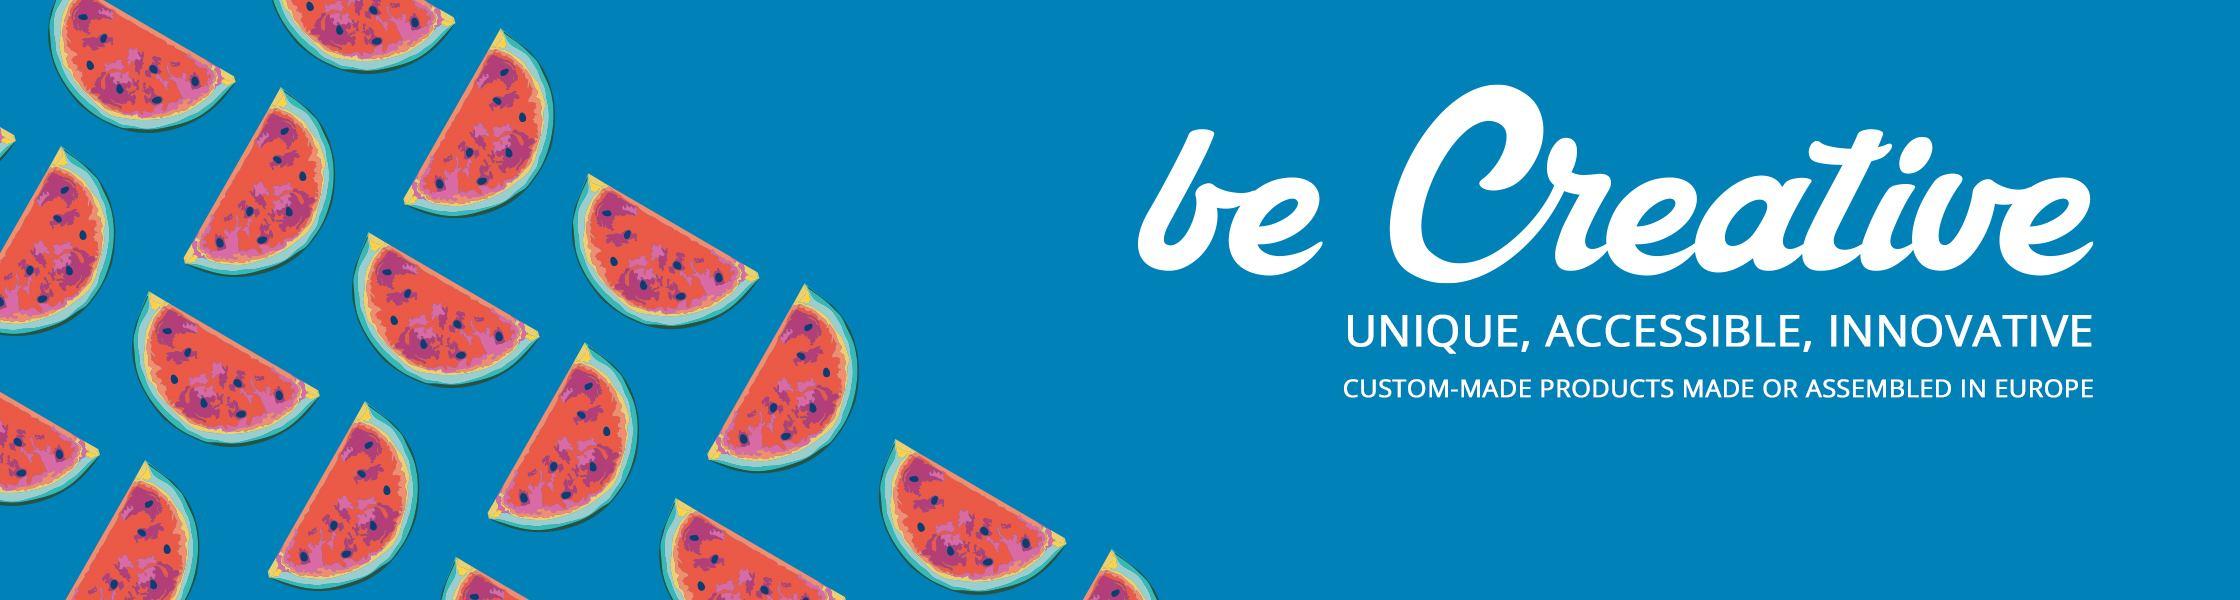 Nasz nowy, szalenie wyjątkowy e-katalog BE CREATIVE 2021 jest już dostępny!